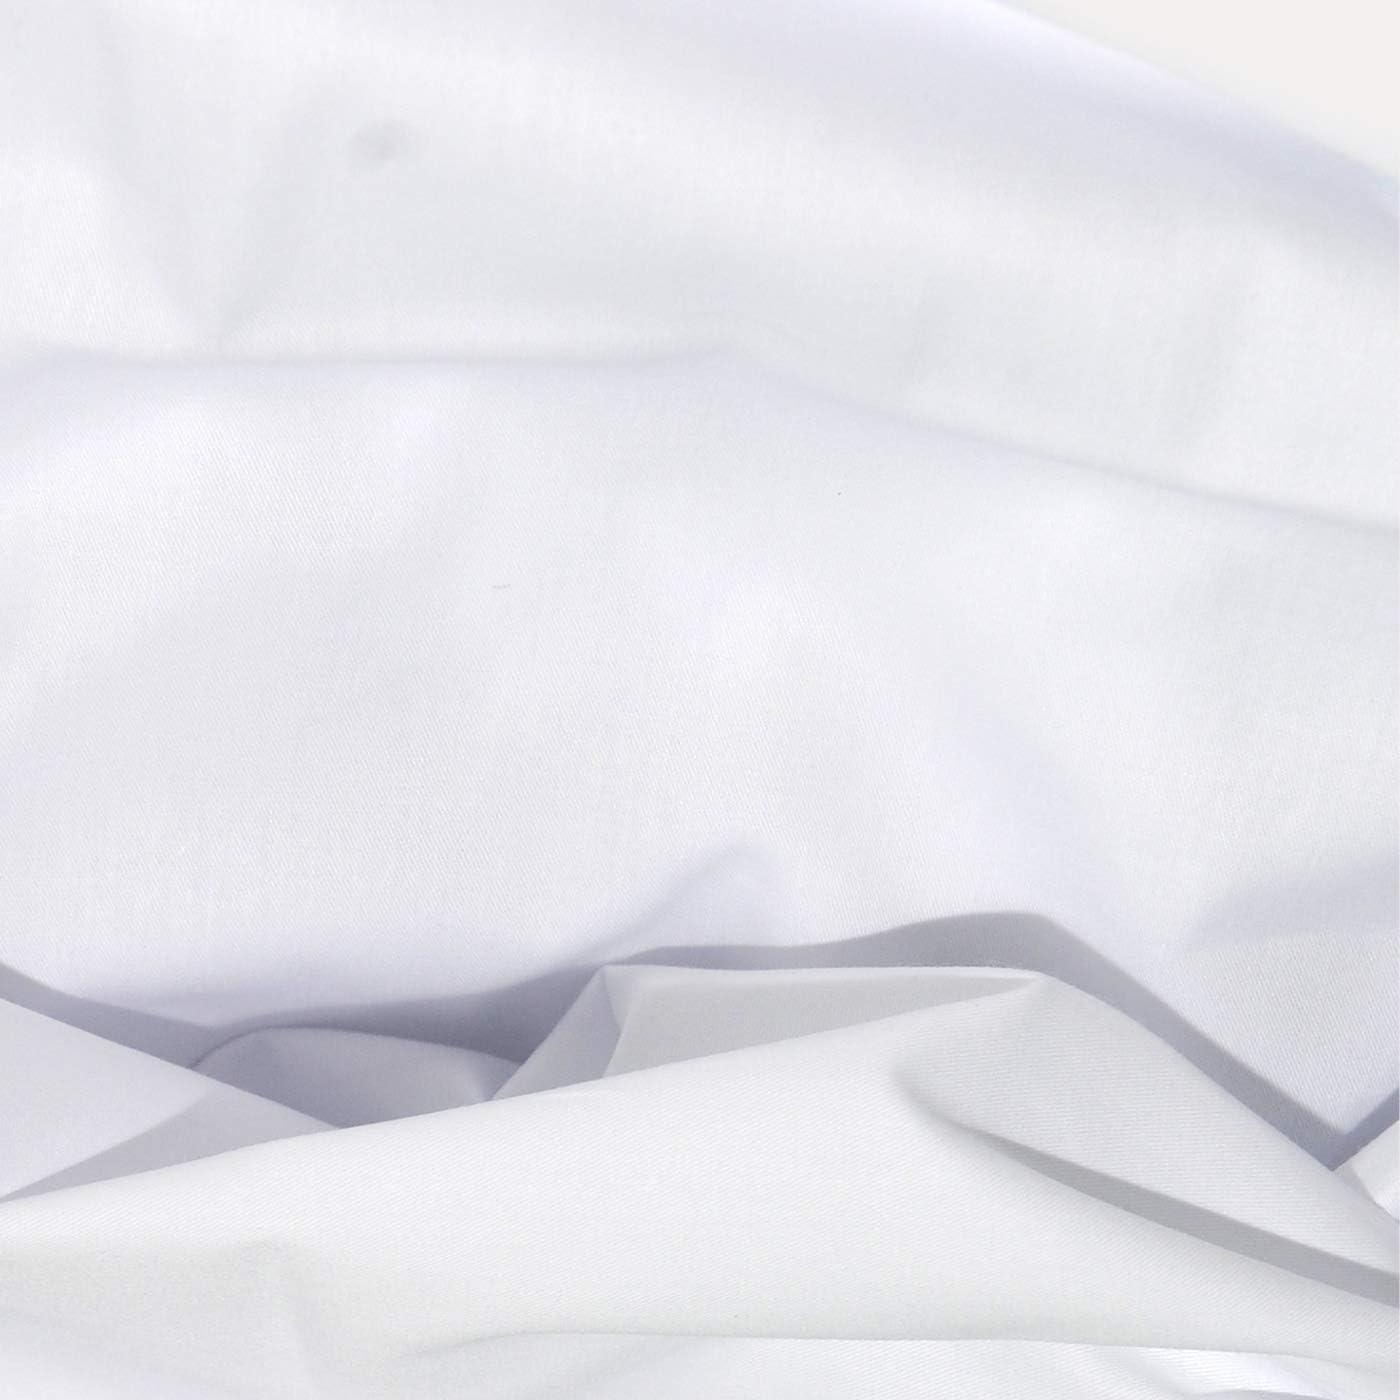 per lavori artigianali fai da te e cucito sapore di rosa 8mm Dot Assortments di buona qualit/à Assortimento di scampoli di tessuto in twill di cotone stampato pretagliato